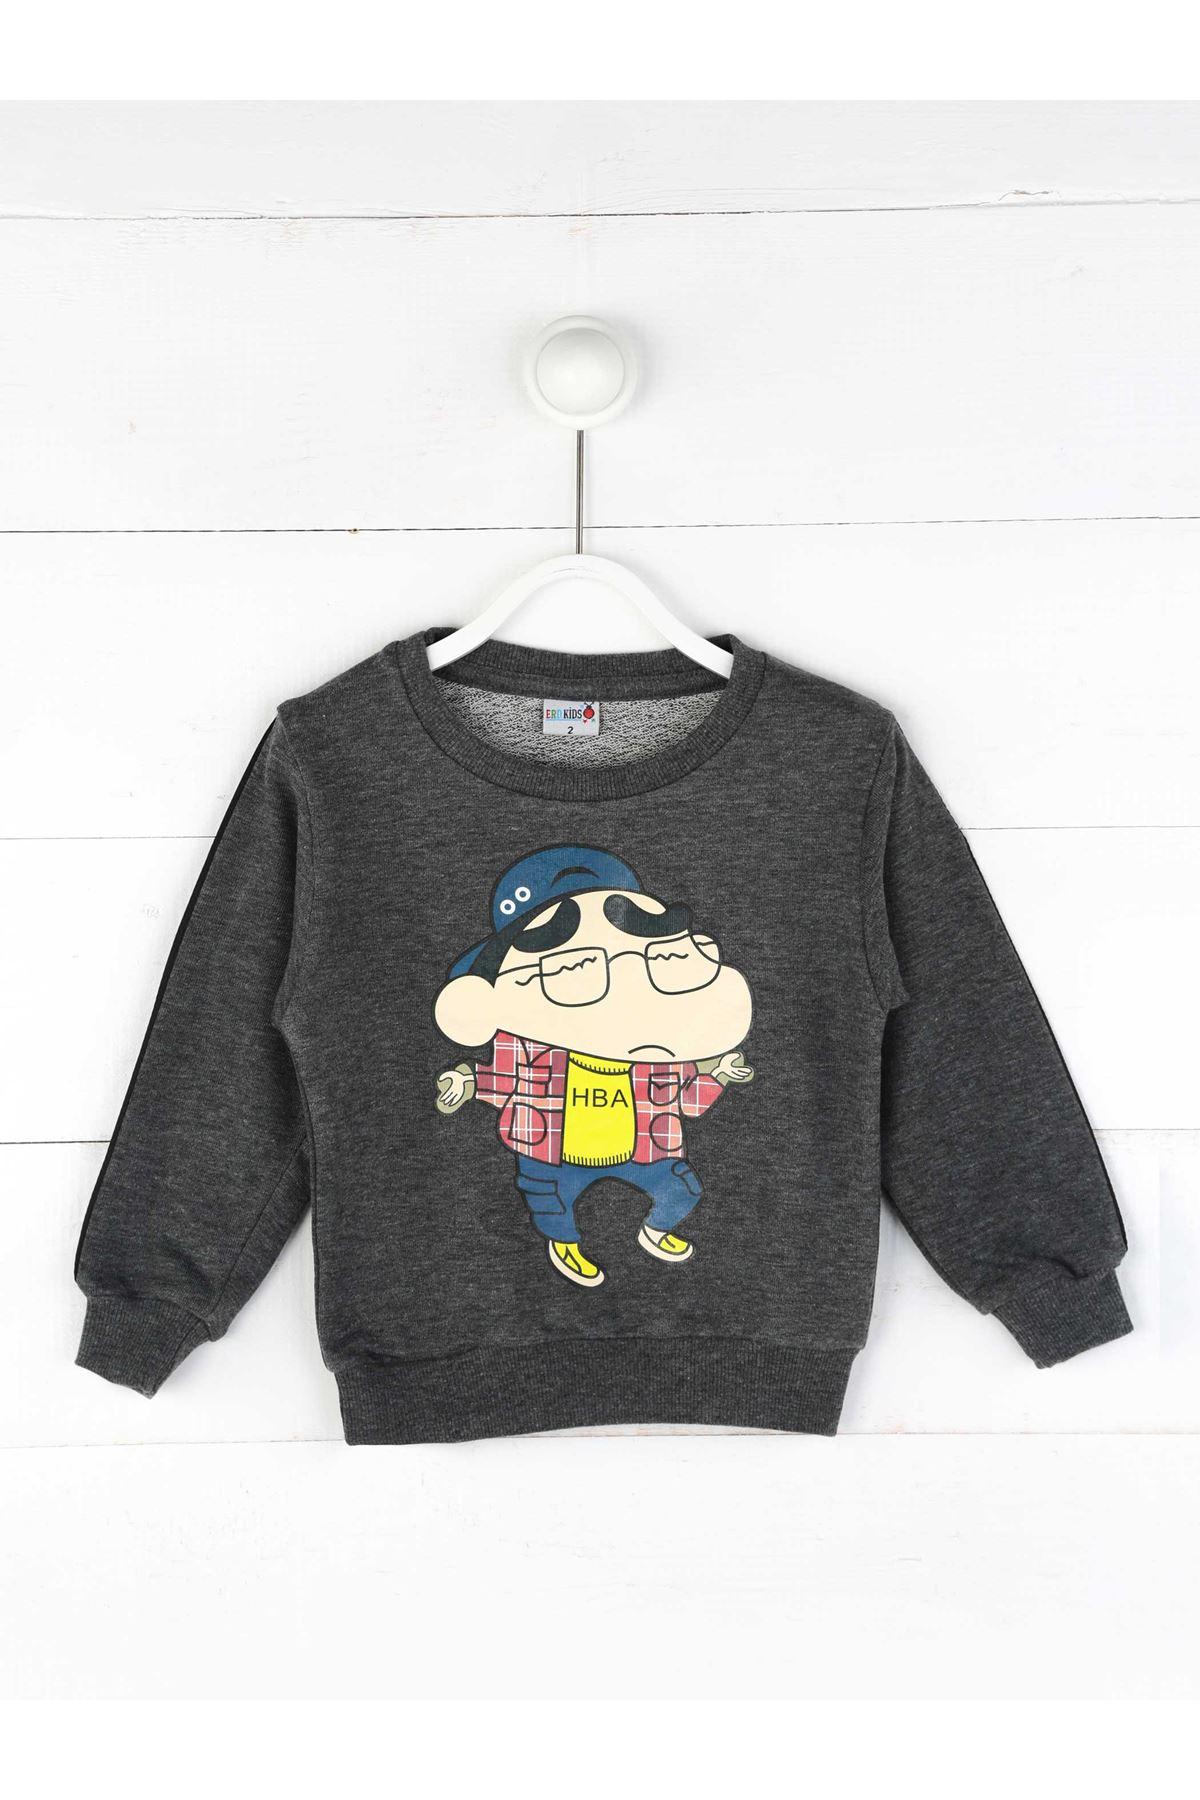 Füme Mevsimlik Erkek Çocuk Sweatshirt